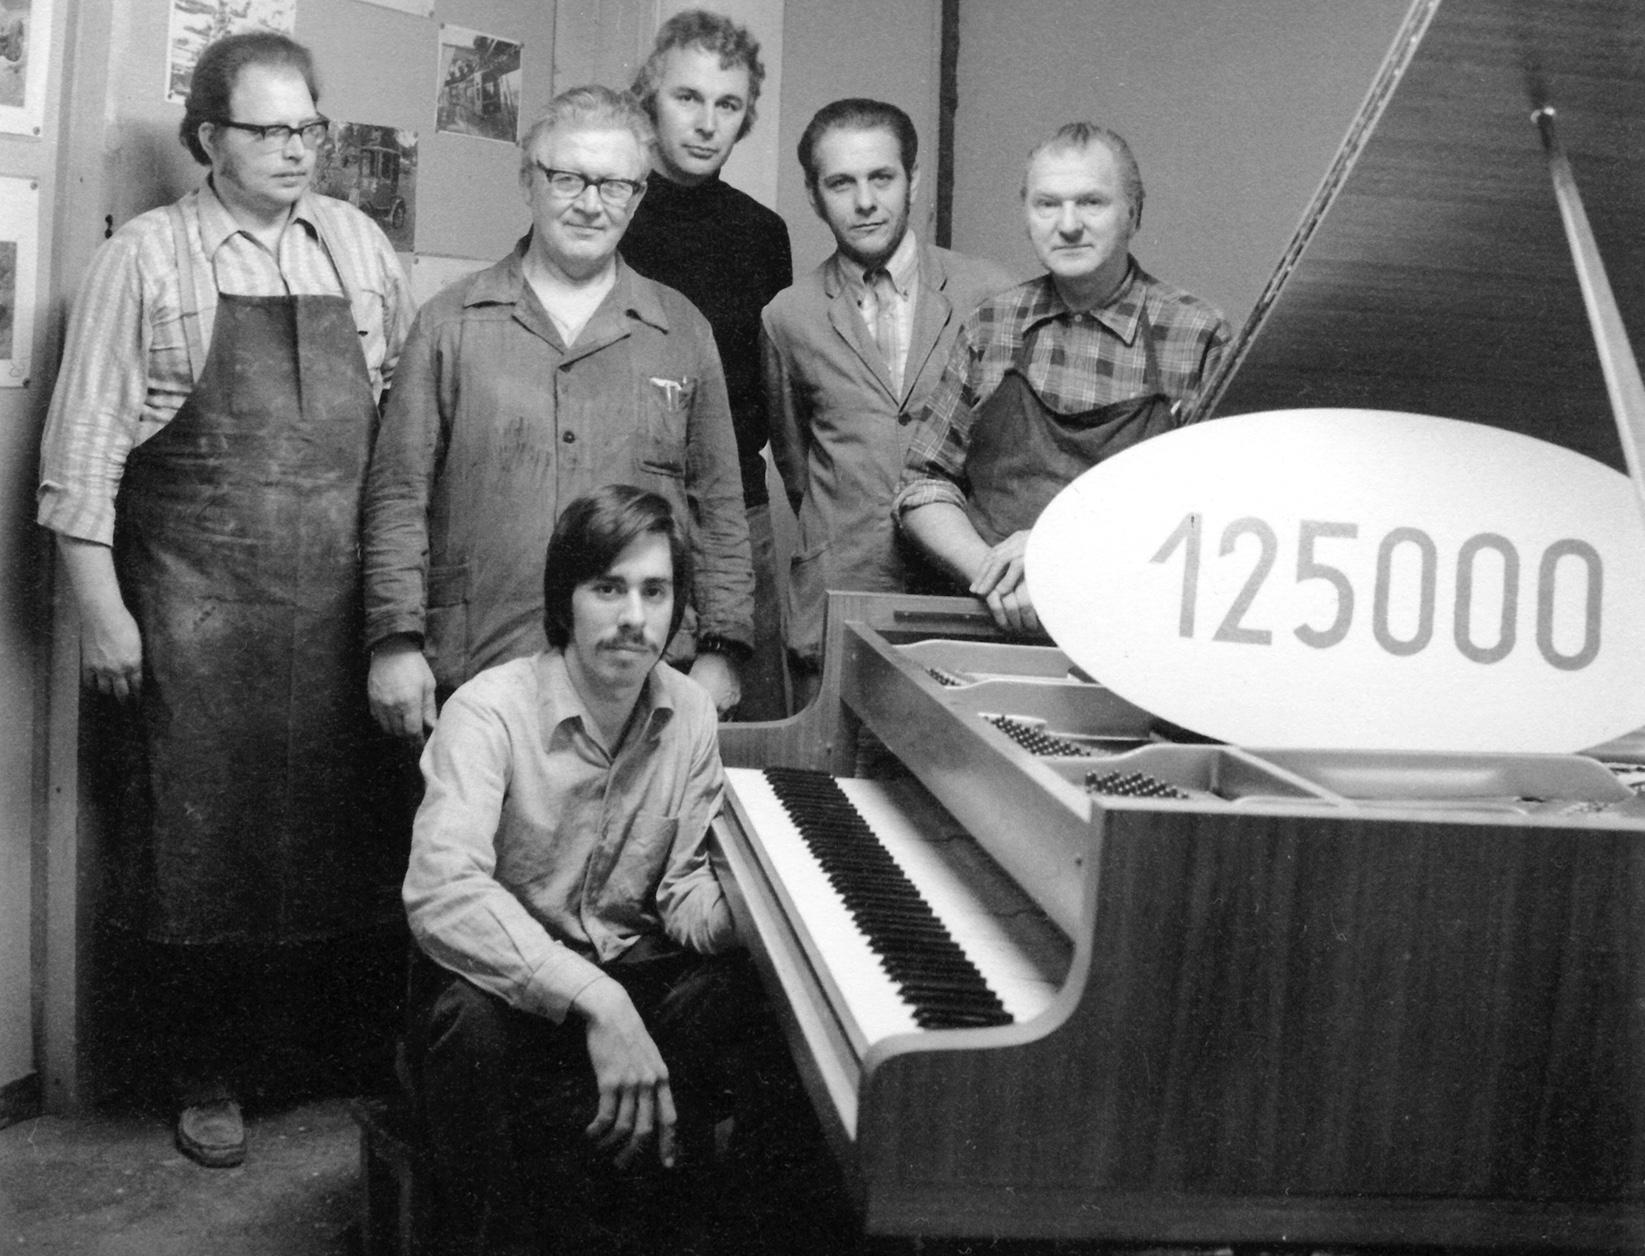 1973 – Instrument Nr. 125.000